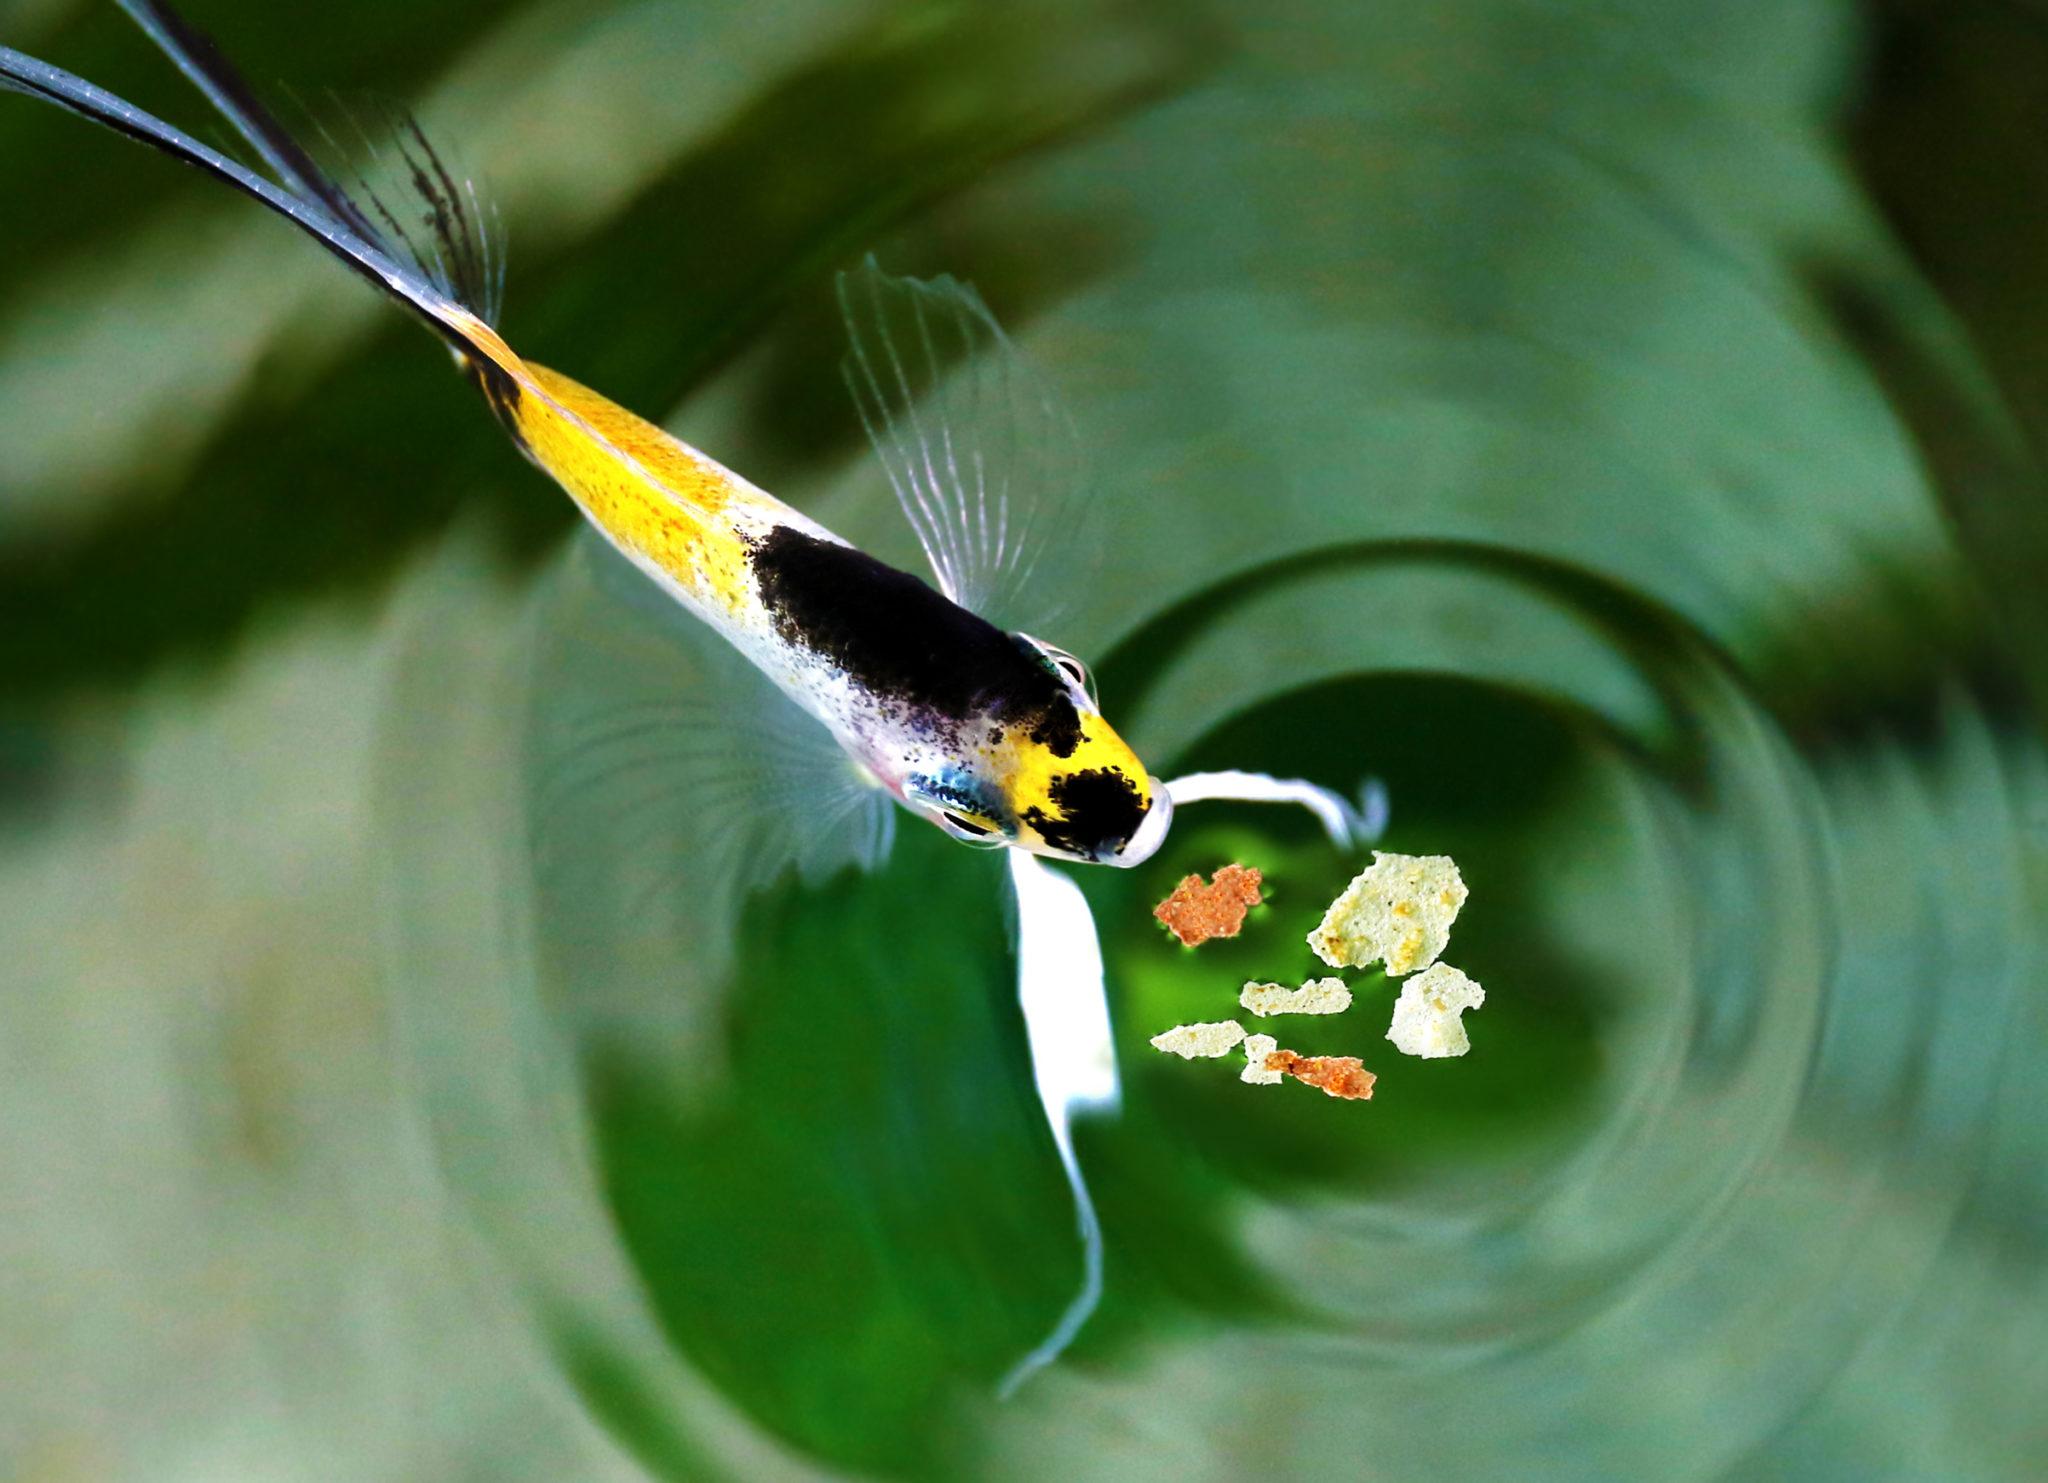 La alimentaci n adecuada de los peces de acuario for Alimentacion para peces de acuario